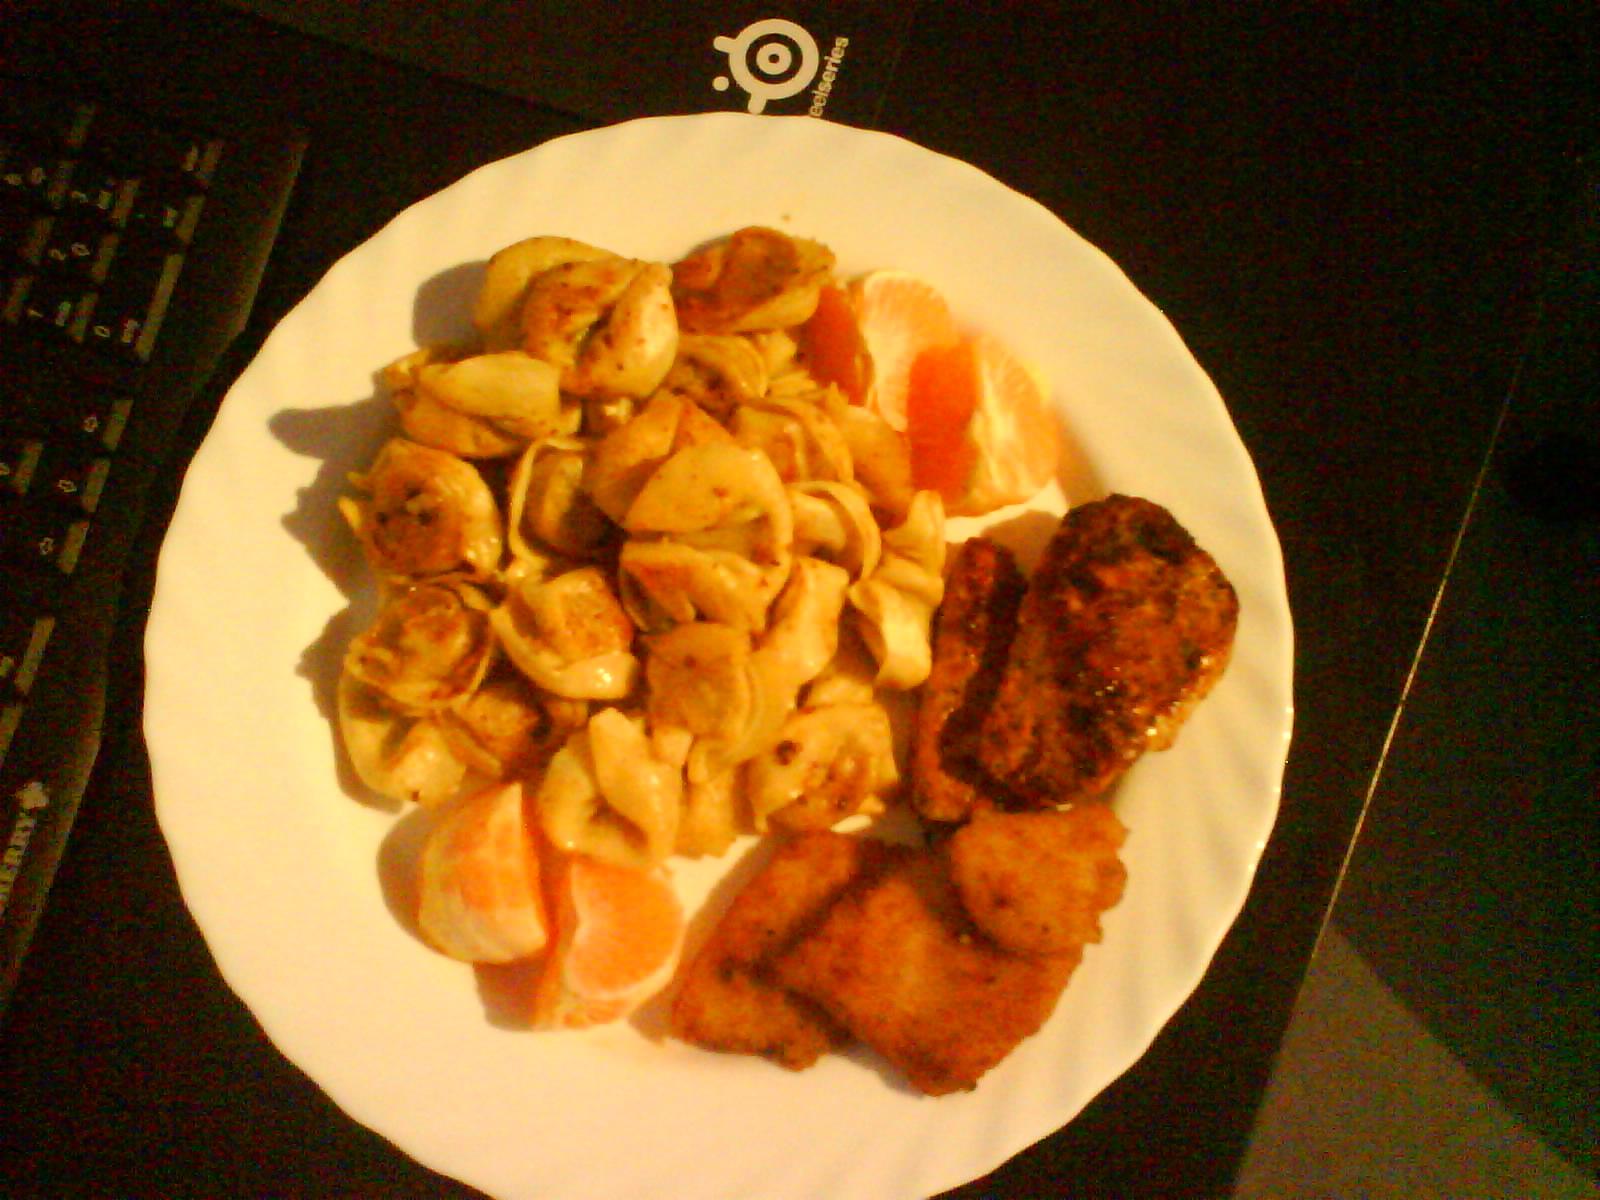 http://foodloader.net/youhardt_2009-02-15_schnitzel-pute-tortellini-angebraten.jpg